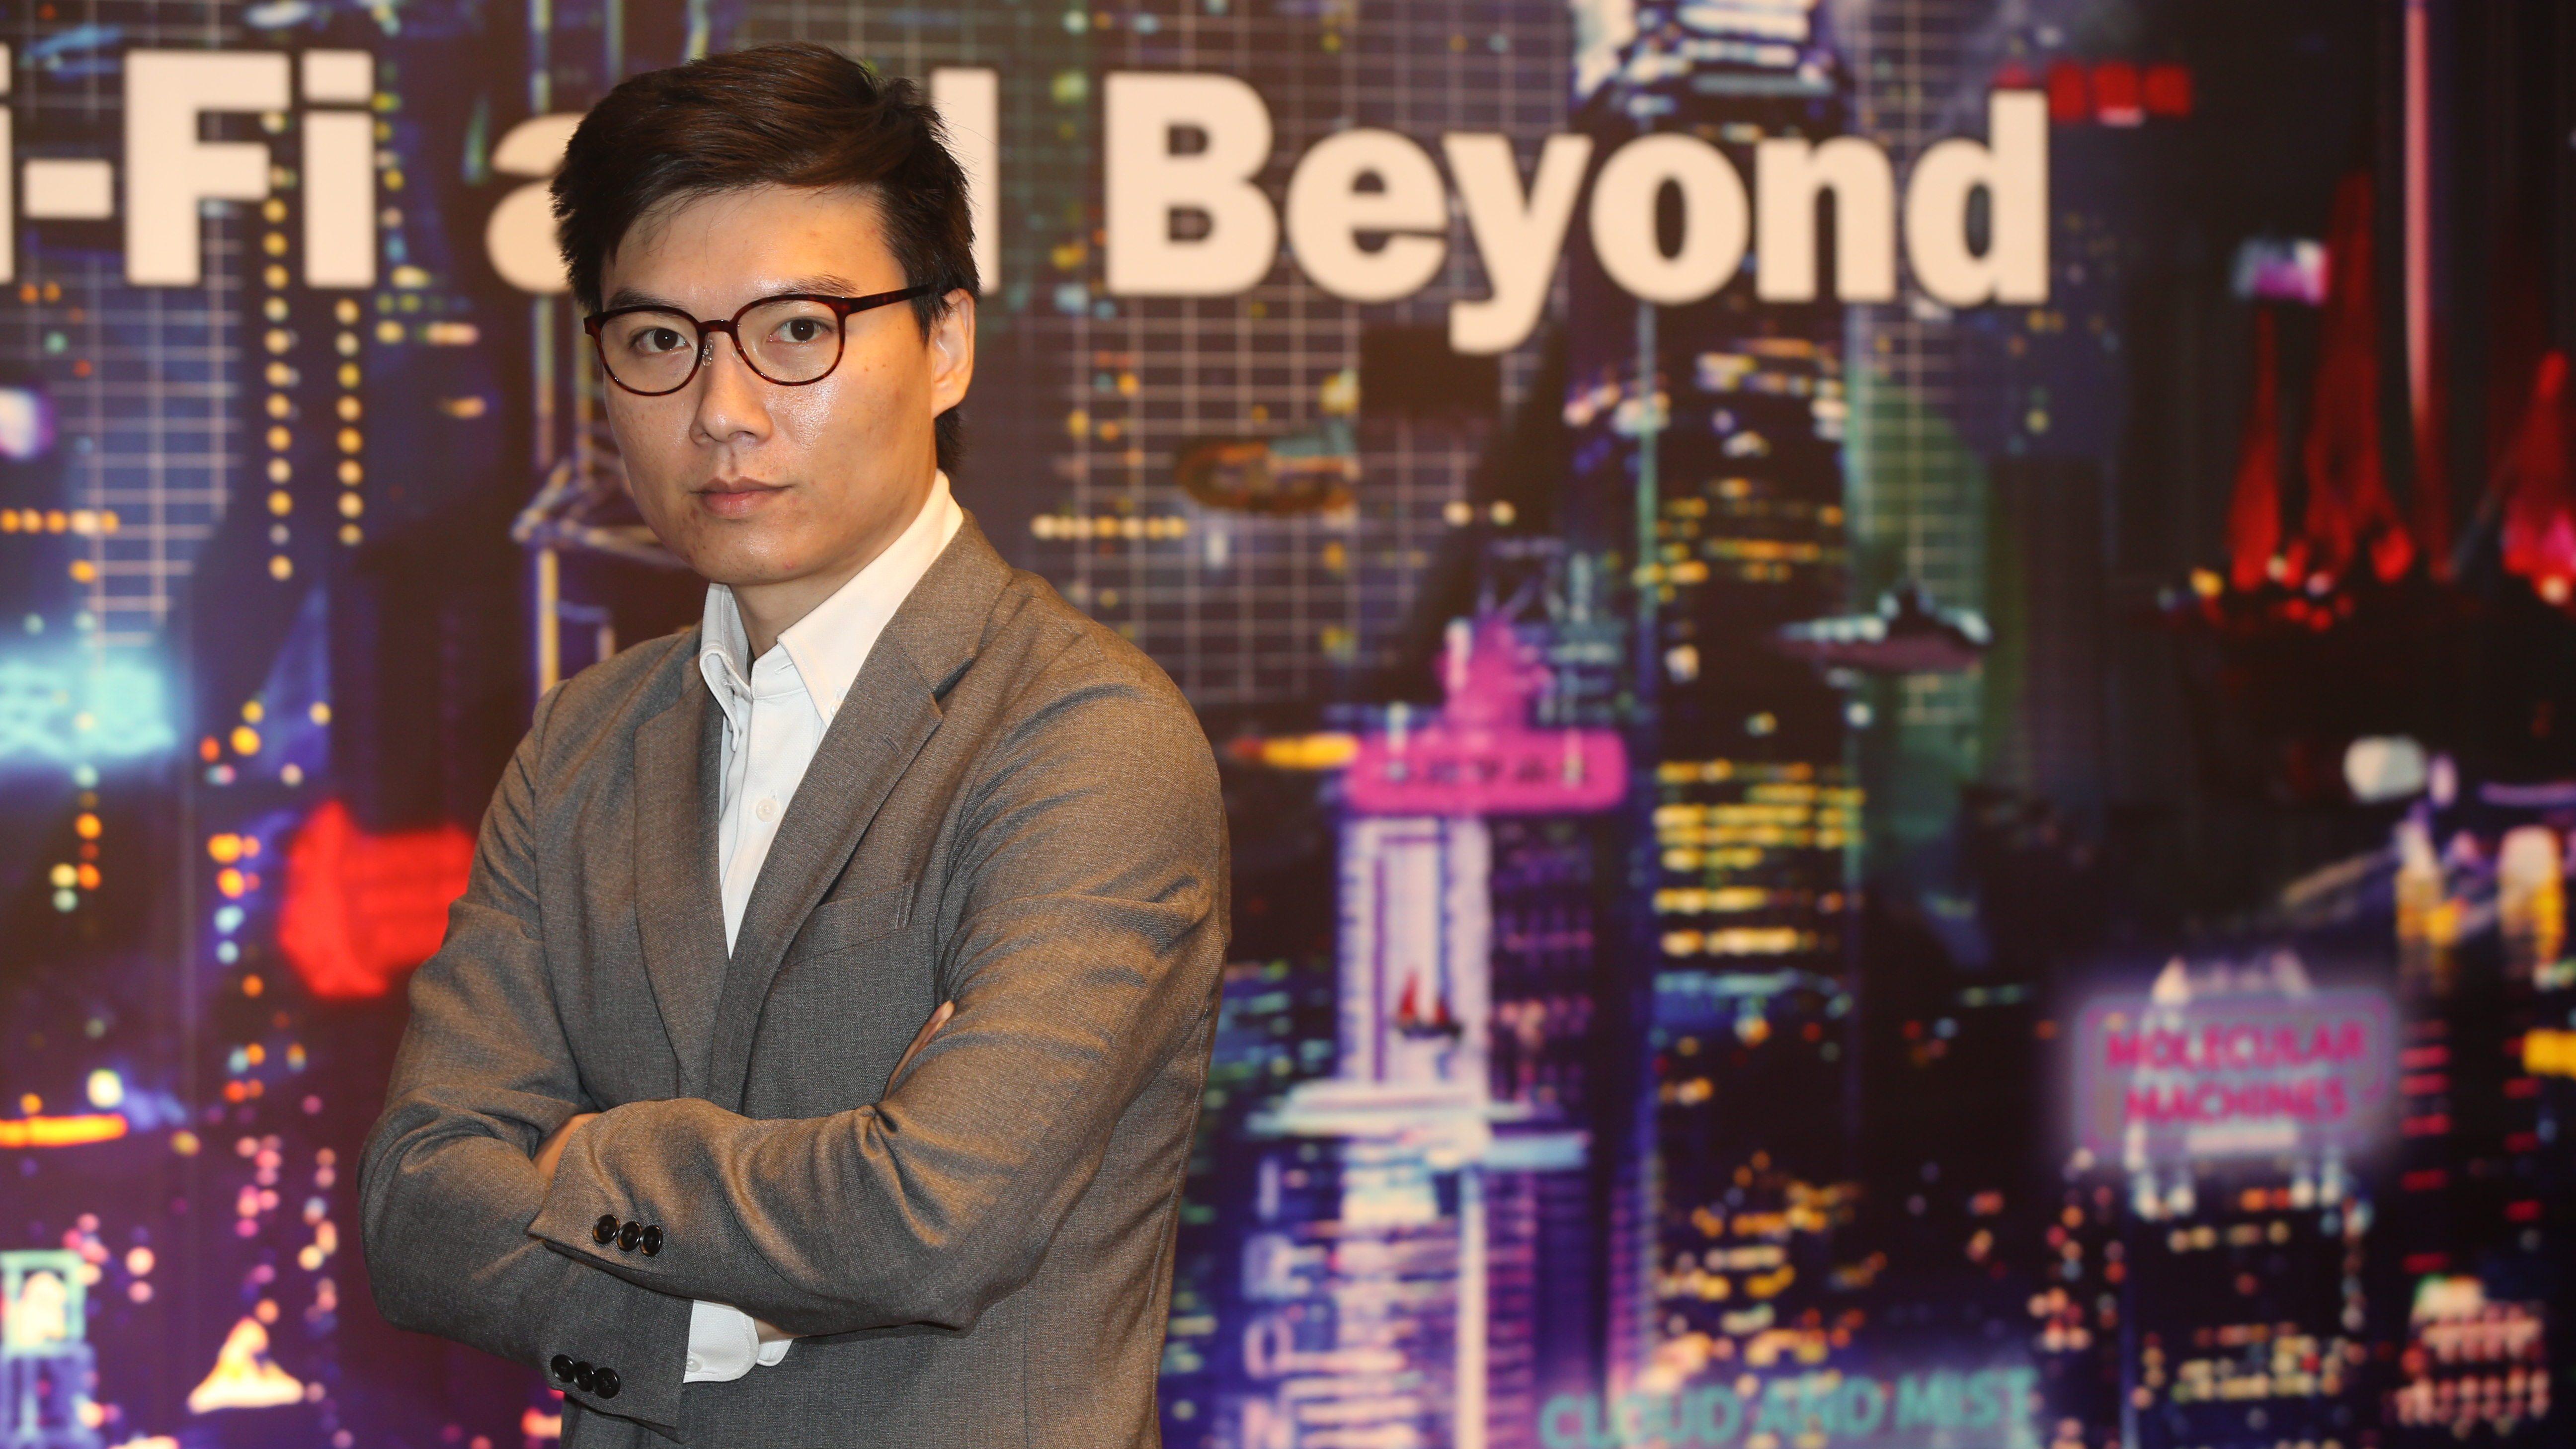 Chinese sci-fi writer Chen Qiufan